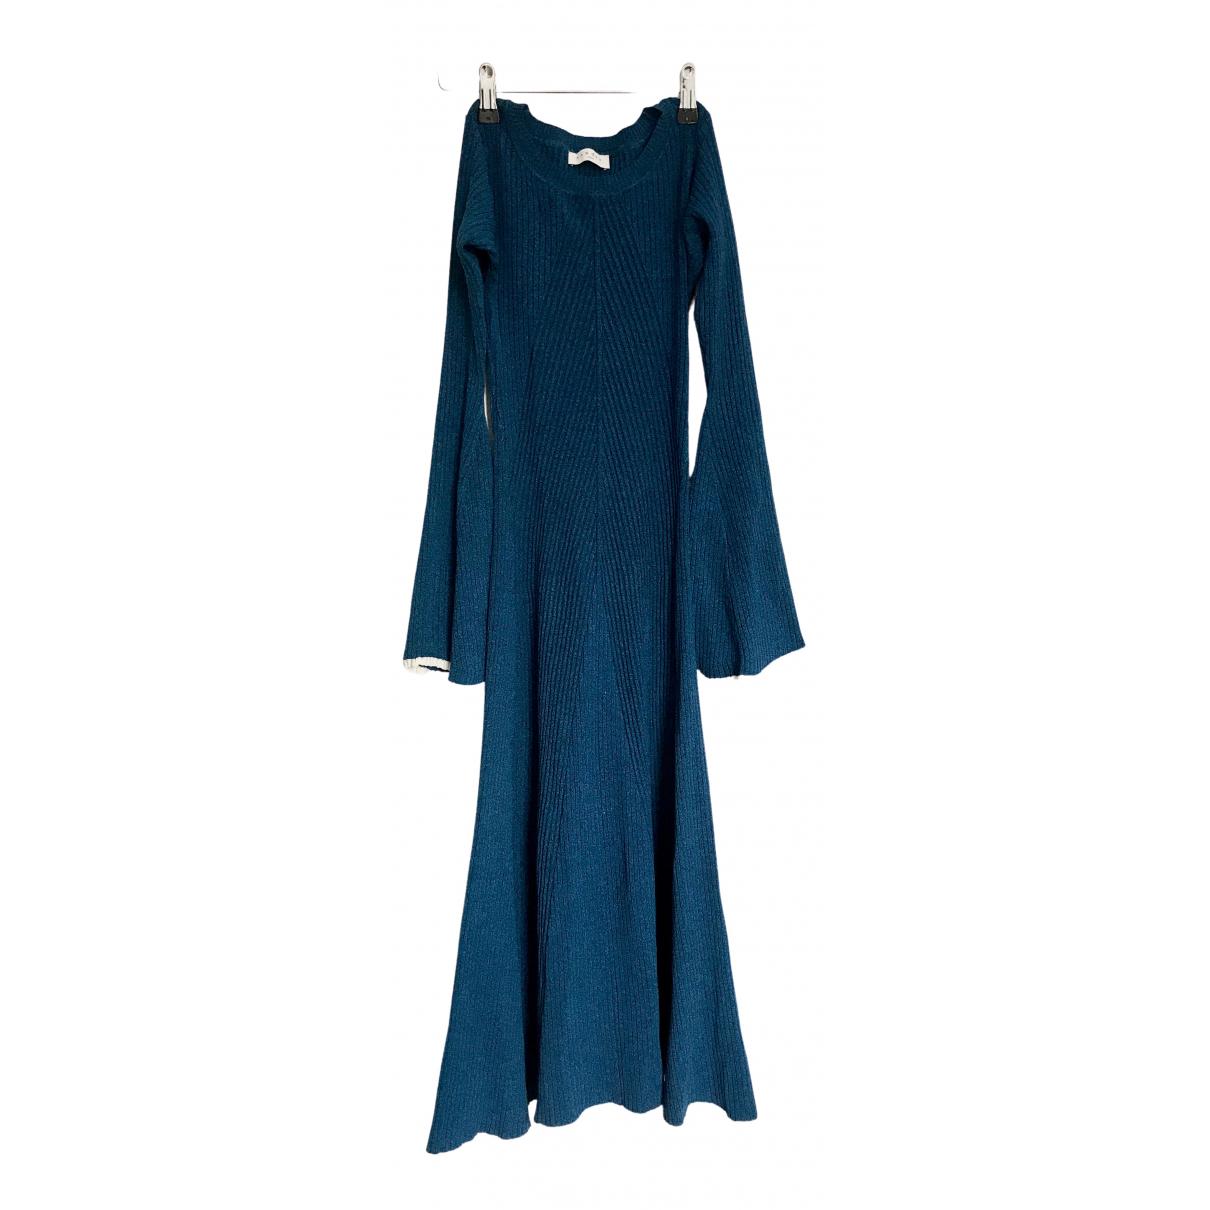 Sandro Fall Winter 2019 Blue dress for Women 36 FR